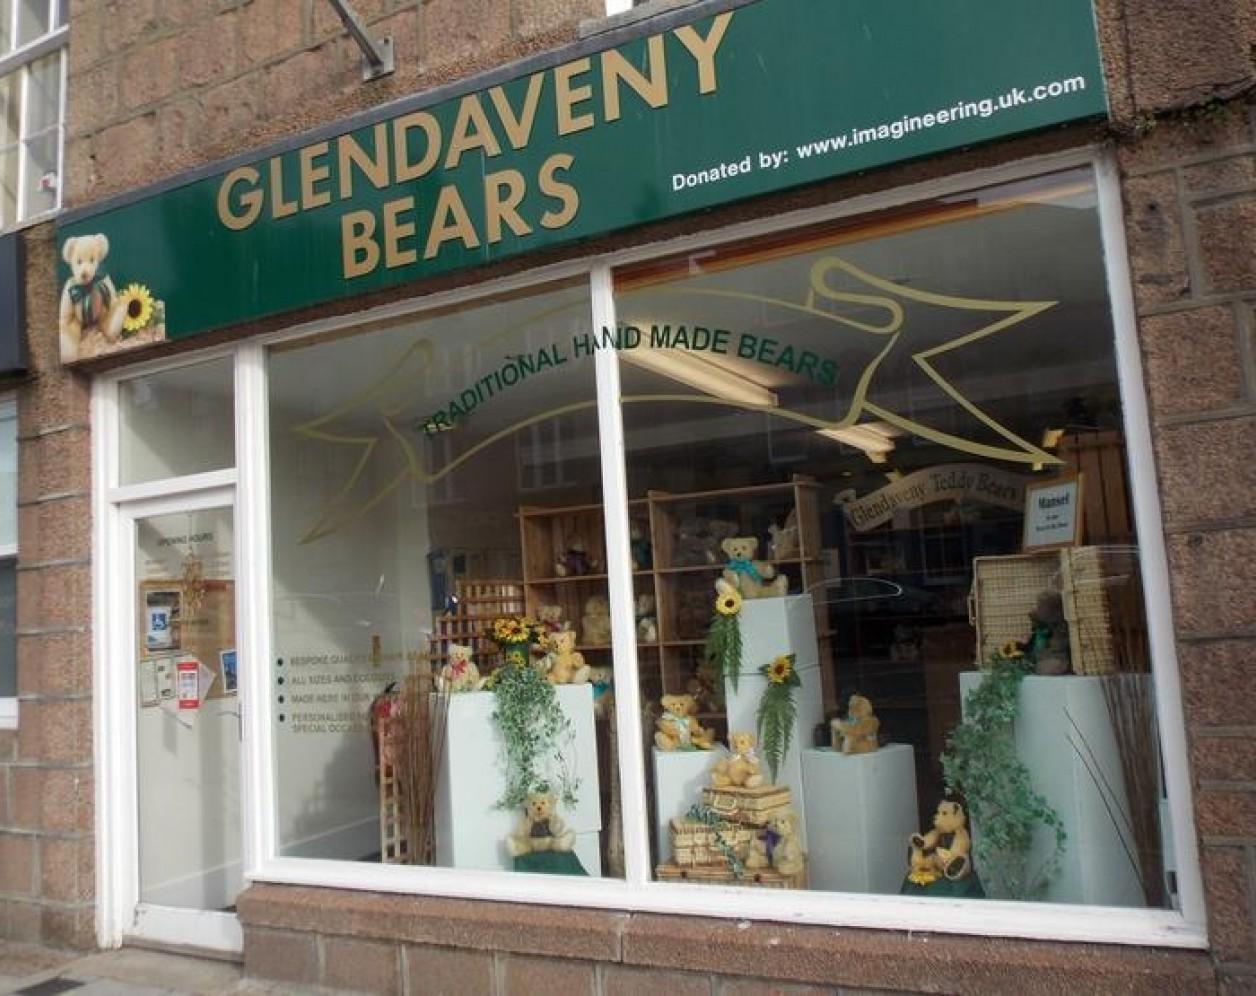 Glendaveny Teddy Bears